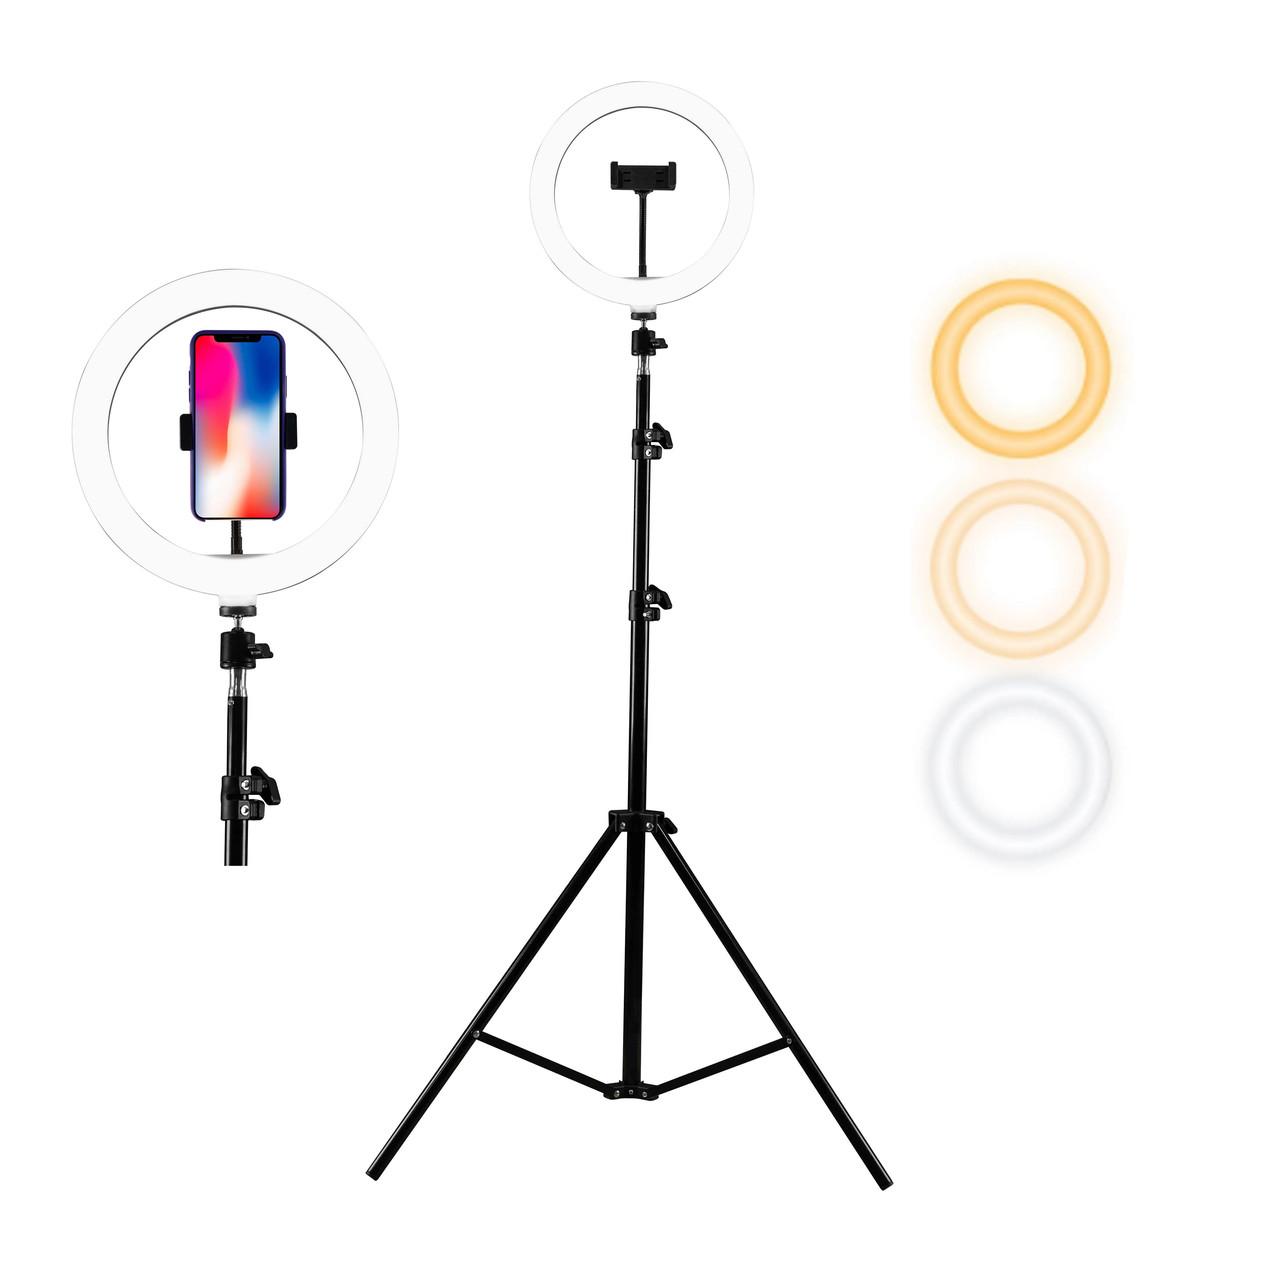 Кольцевая лампа на штативе d-26см, набор блогера для фото, видеосъемок